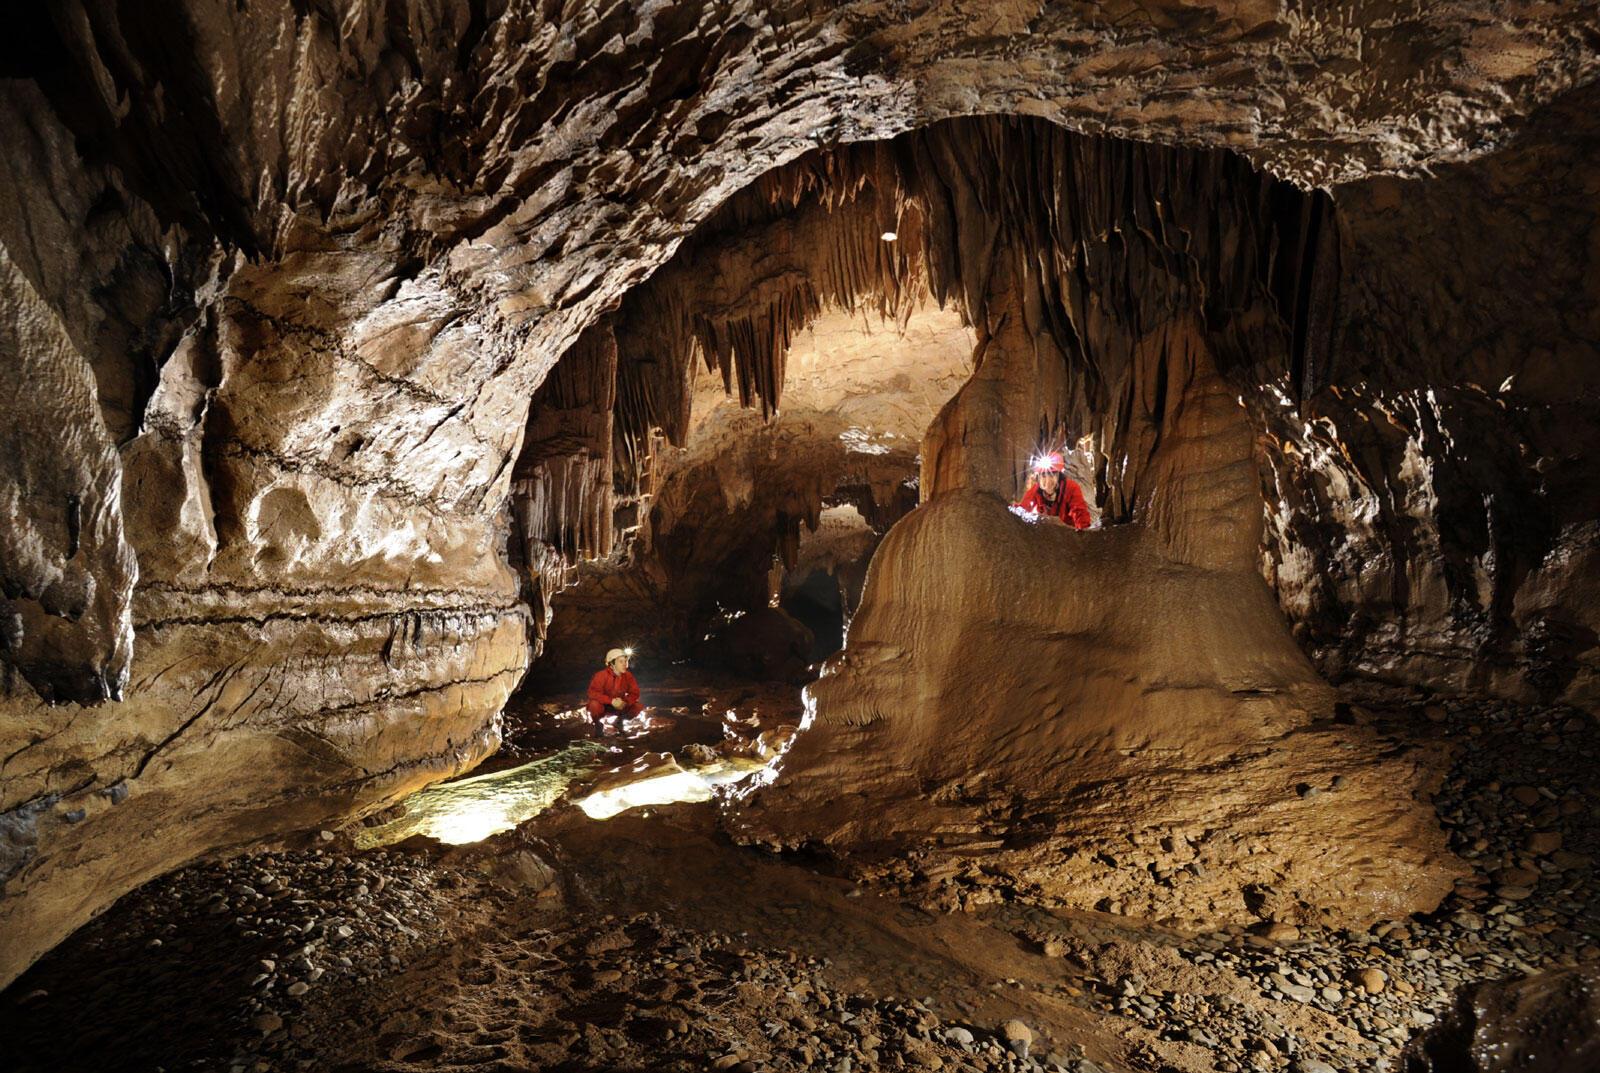 Grotte naturelle du Pont d'Arc en Ardèche.